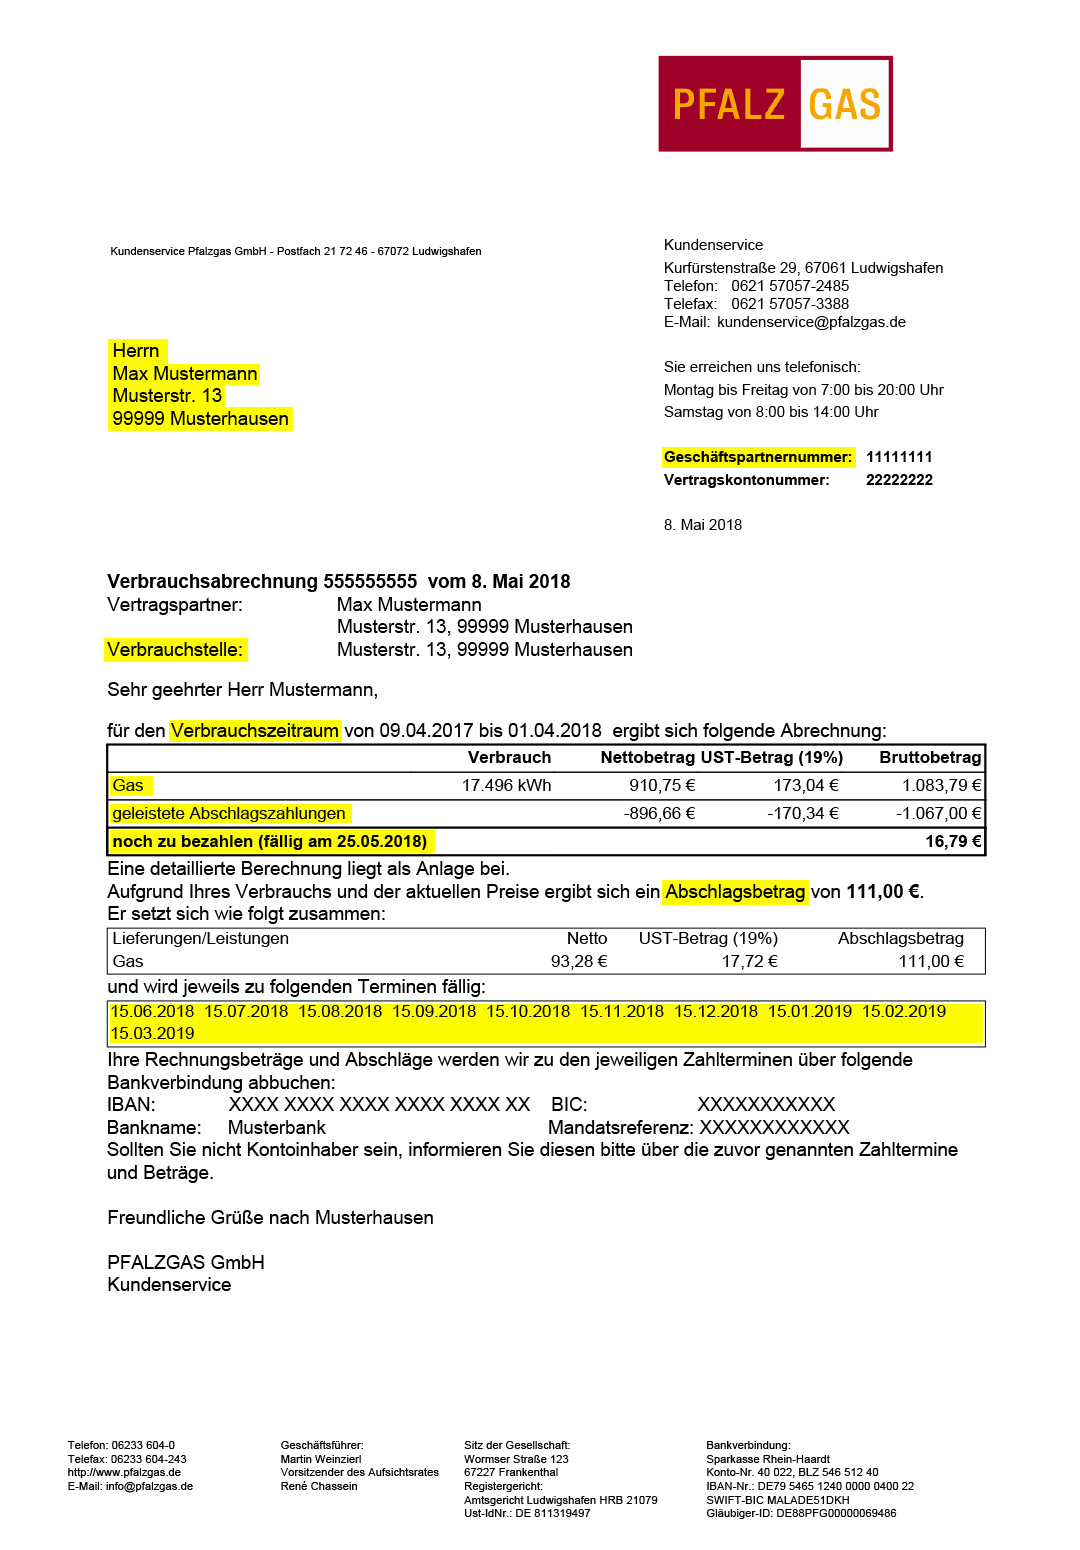 Rund um Ihre Abrechnung – PFALZGAS GmbH